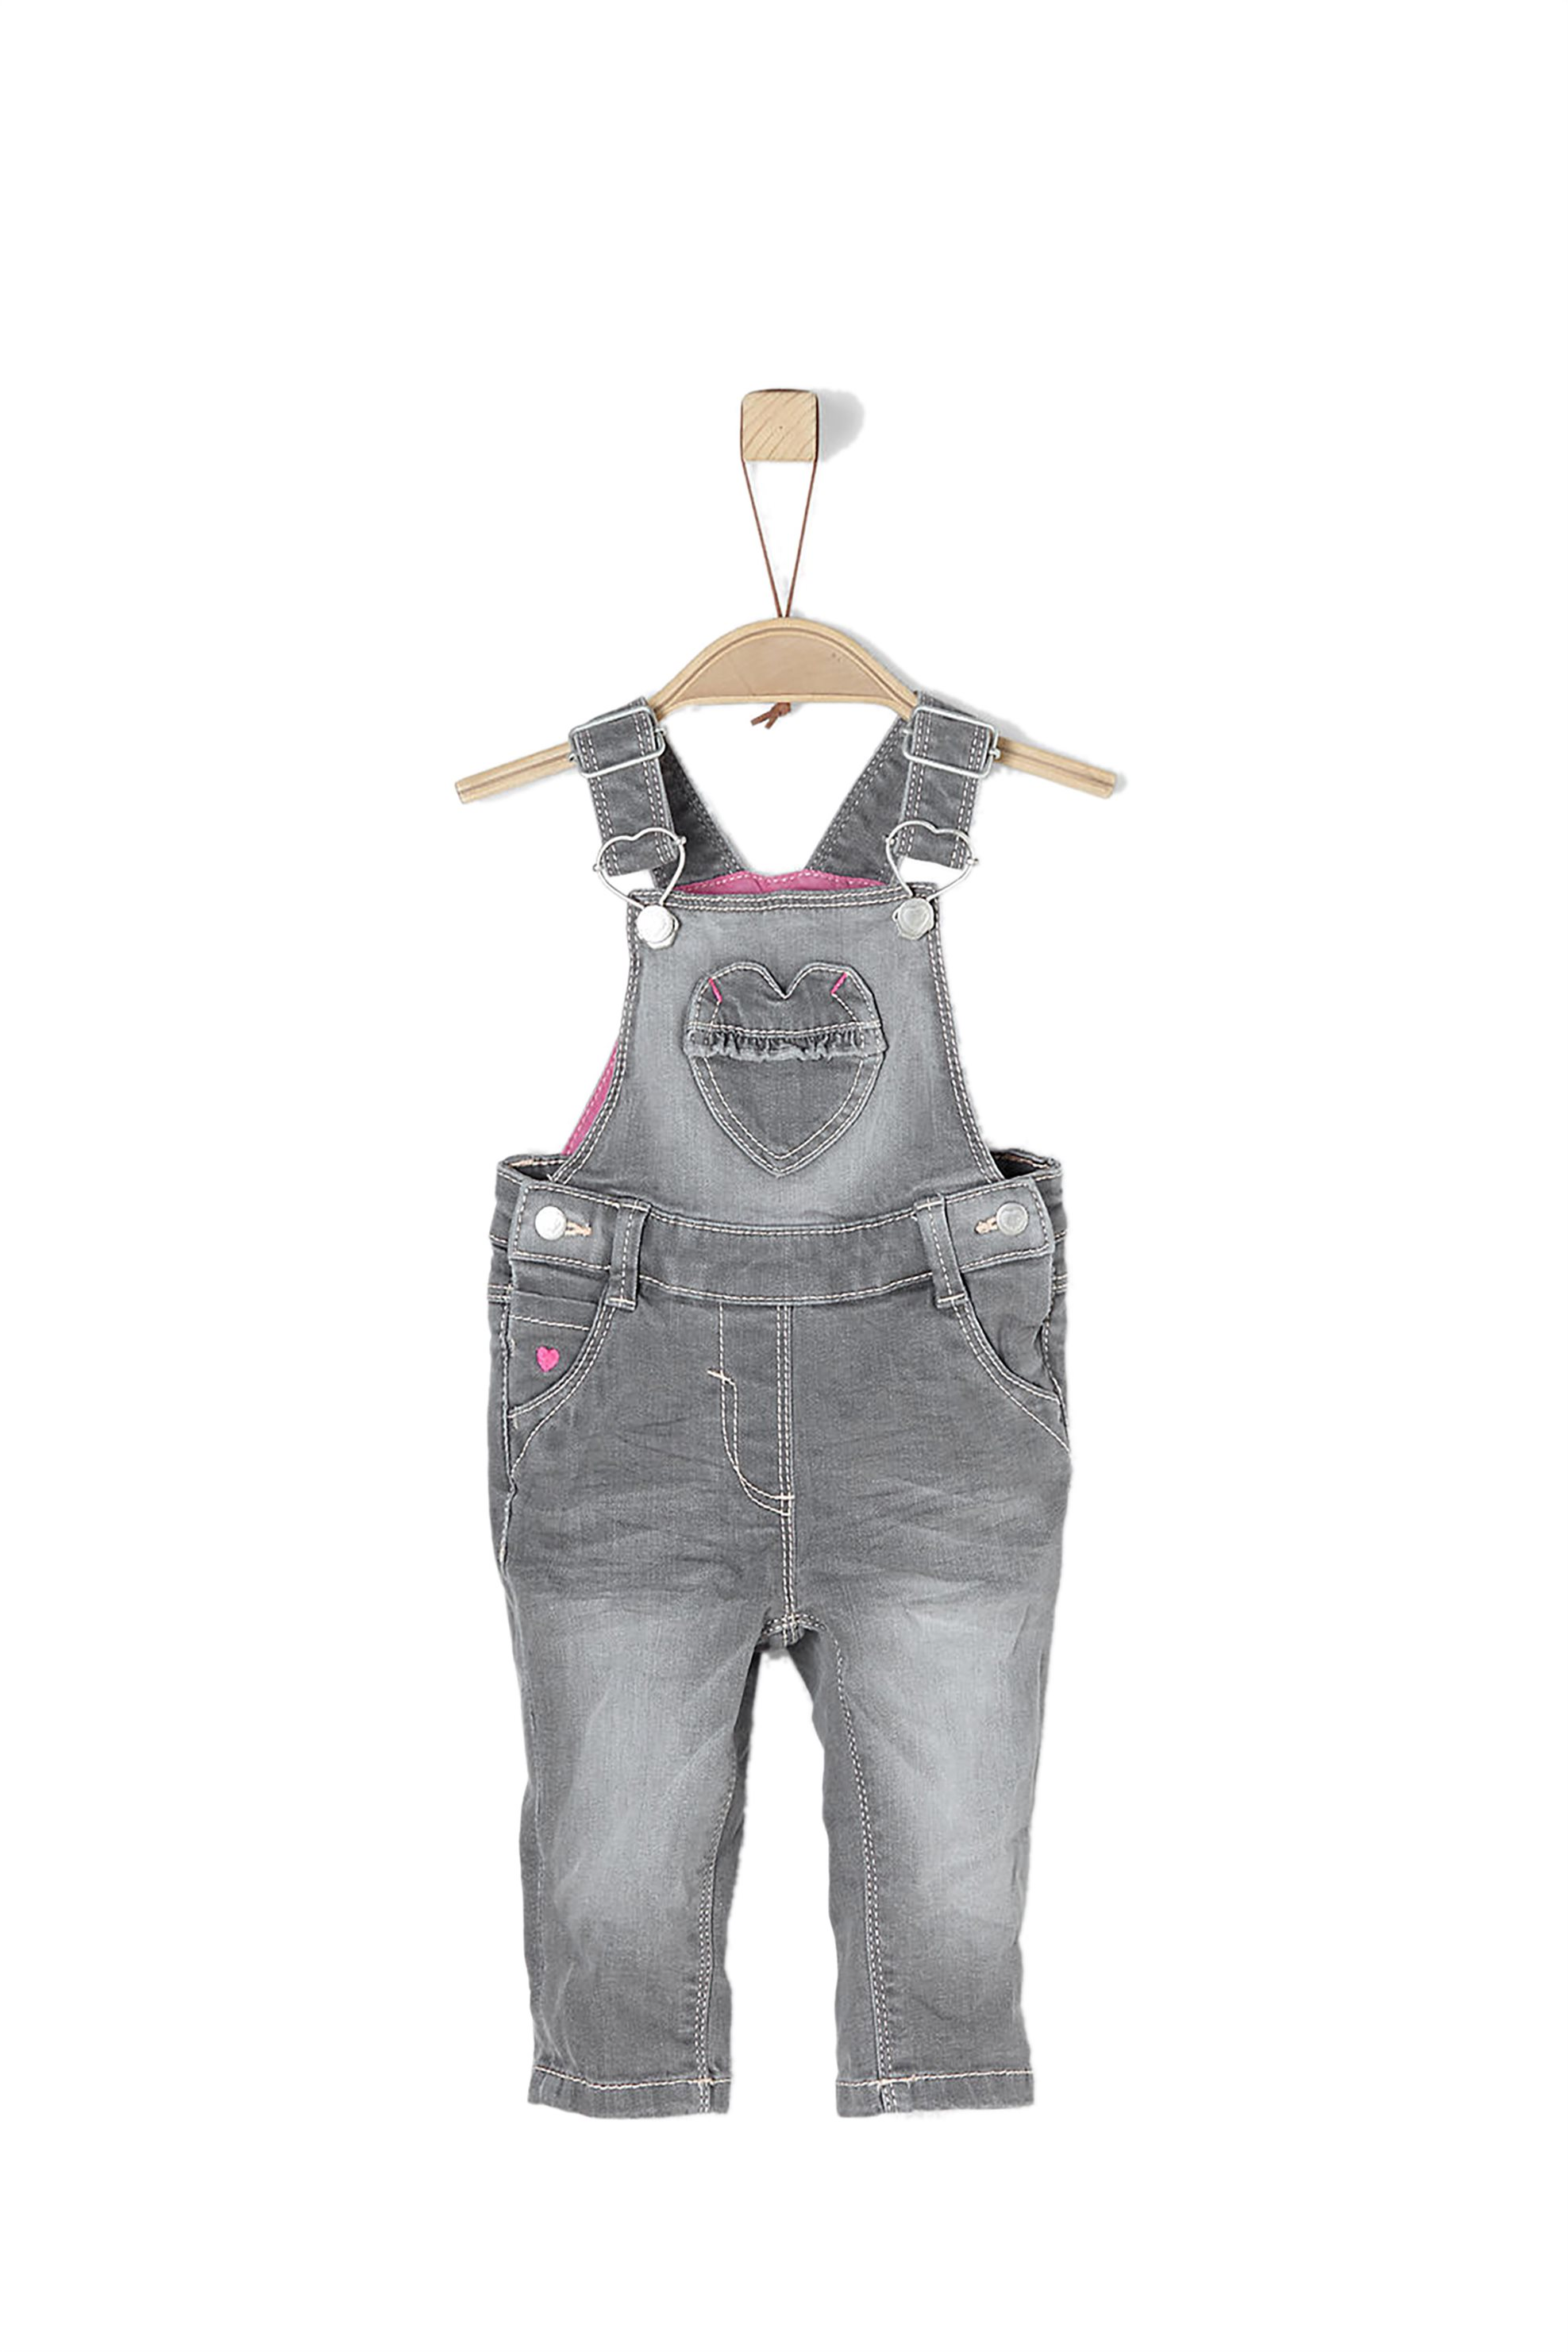 Βρεφική σαλοπέτα denim s.Oliver - 65.802.71.3142 - Γκρι παιδι   βρεφικα κοριτσι   0 3 ετων   ρούχα   σαλοπέτες